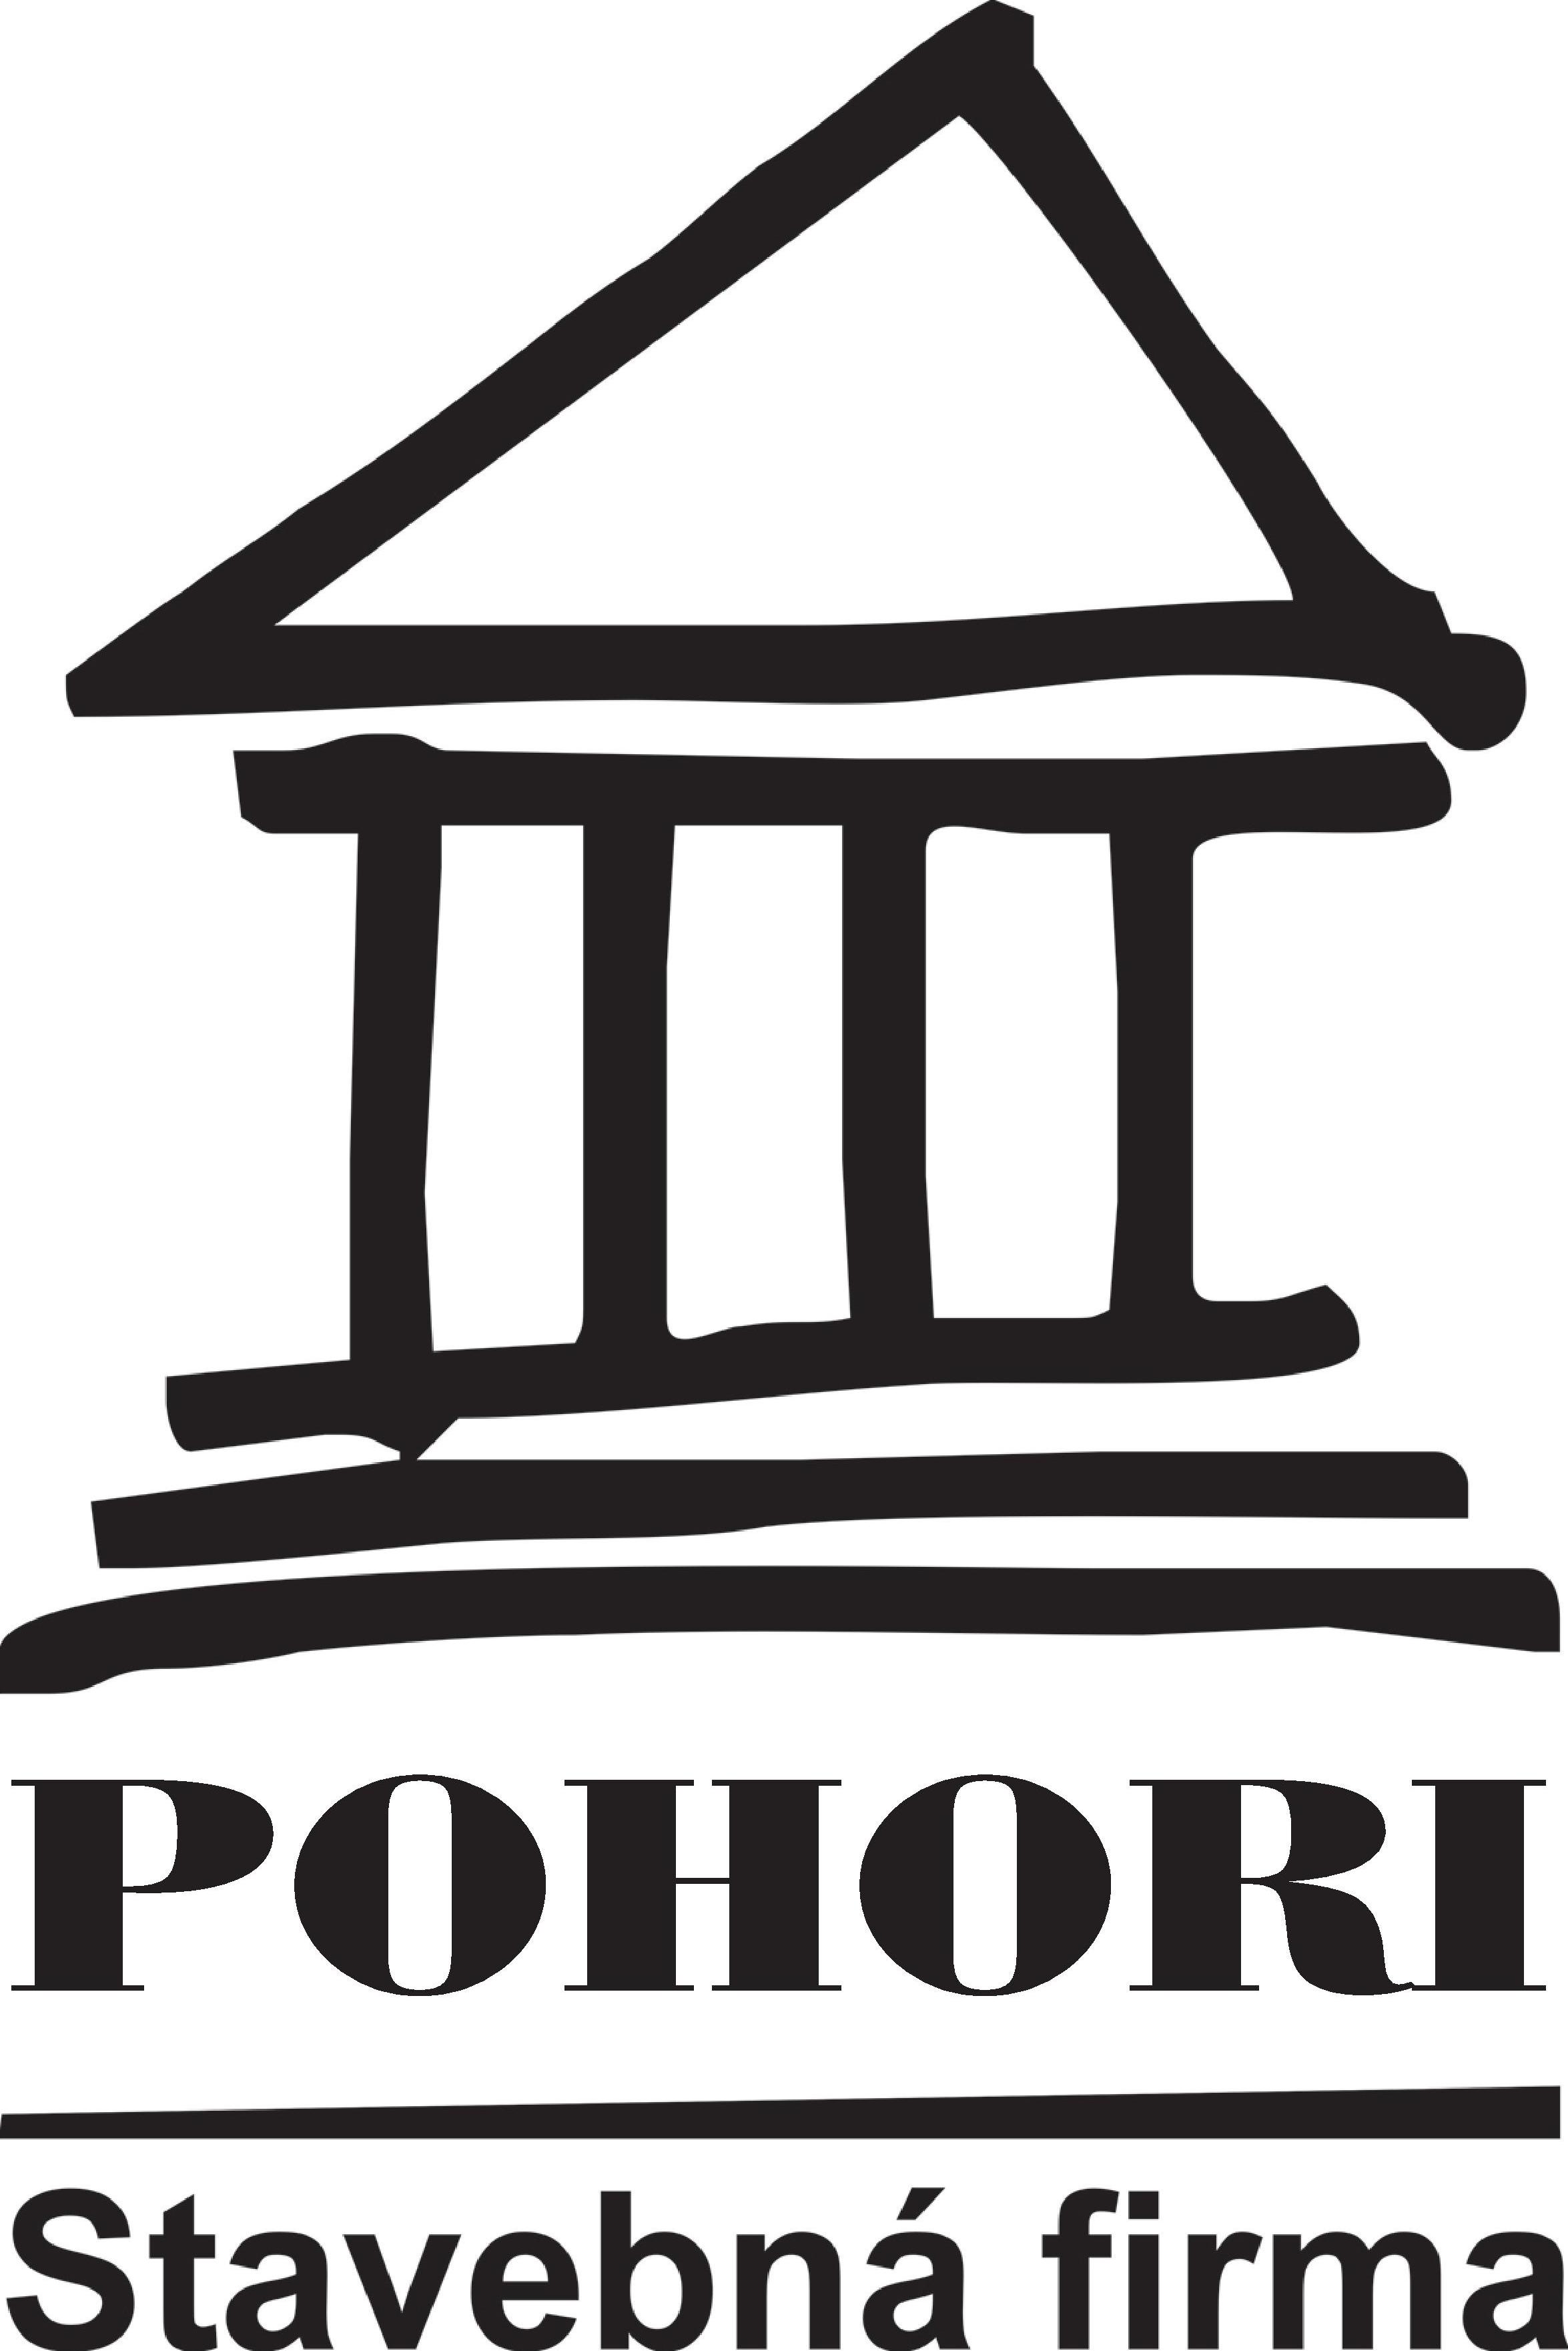 pohori_háttér nélkül